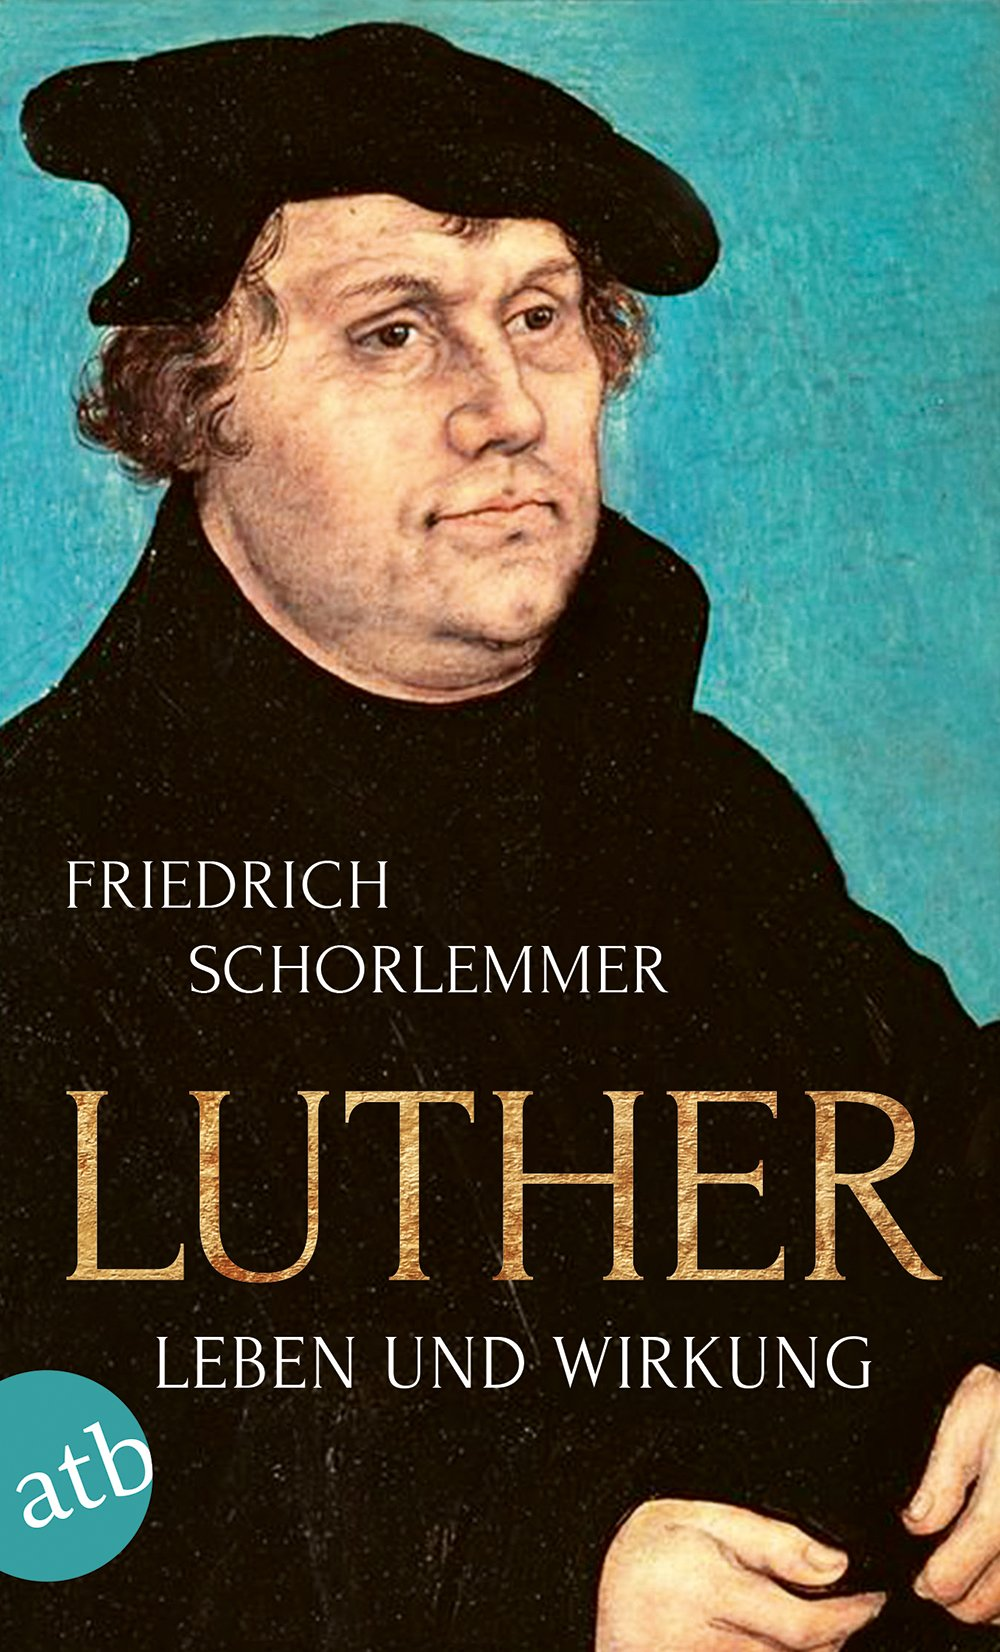 luther-leben-und-wirkung